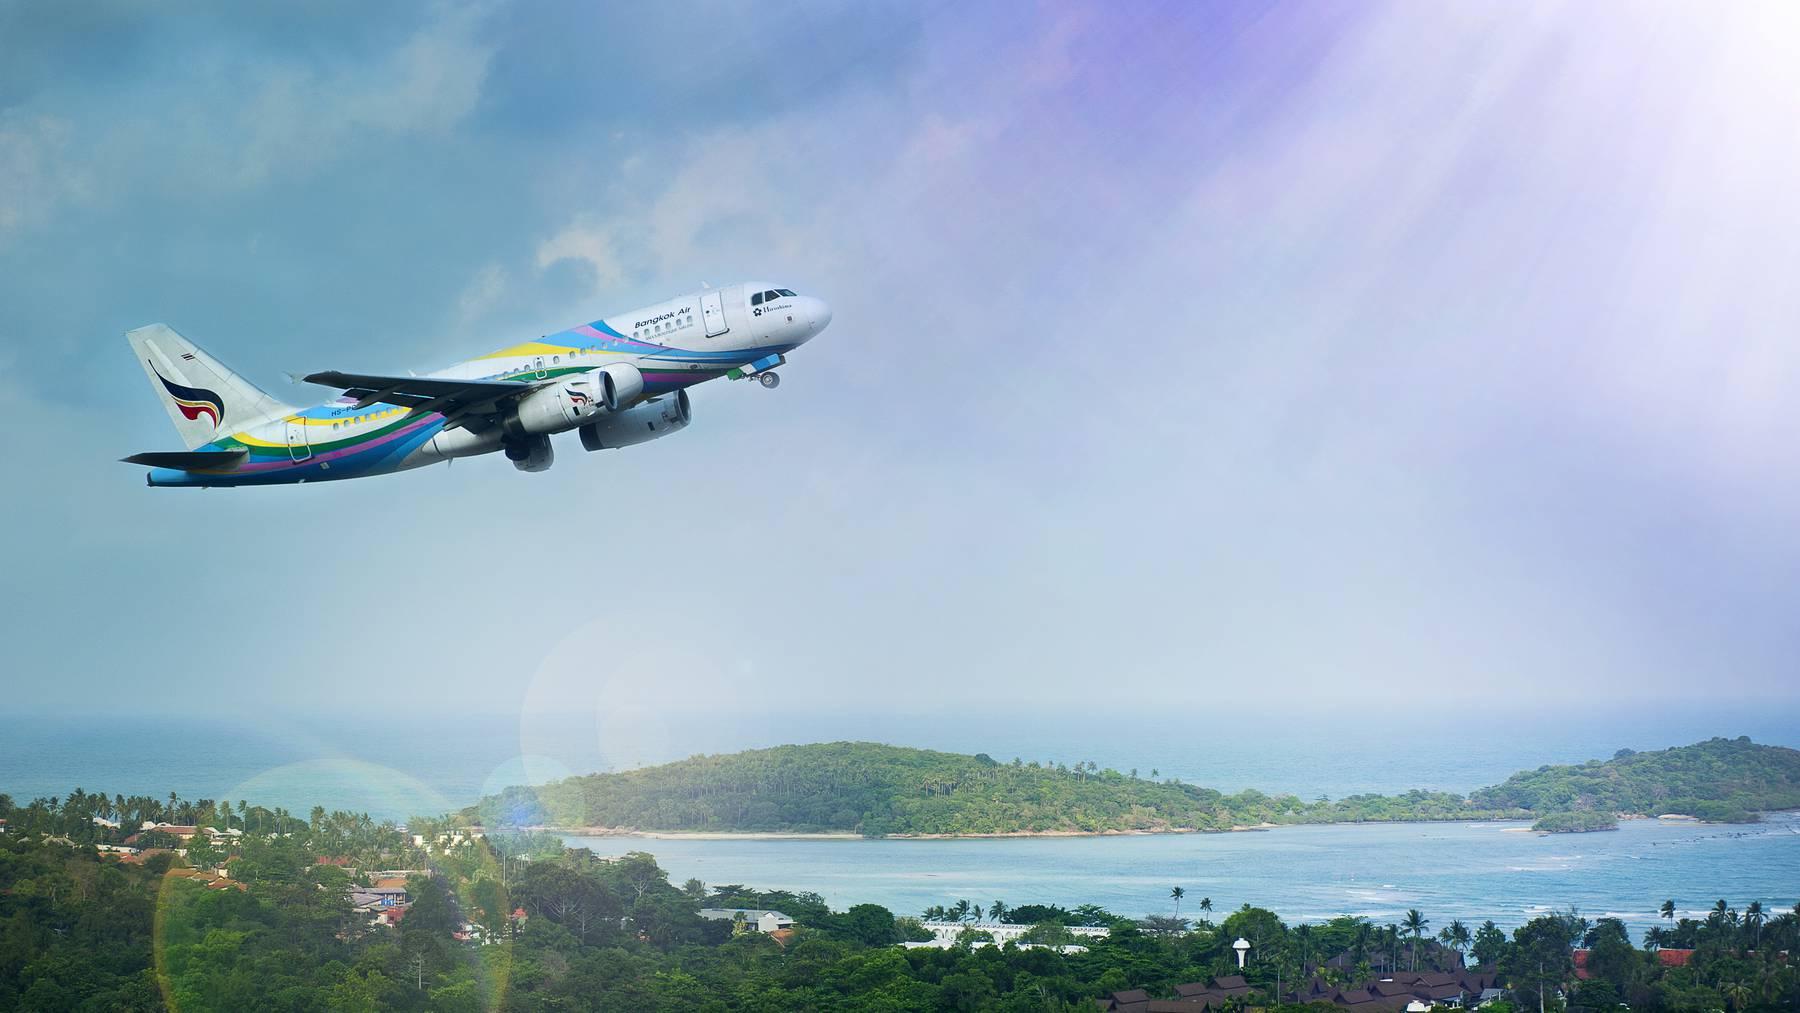 Flugzeug_Ferien_pexels